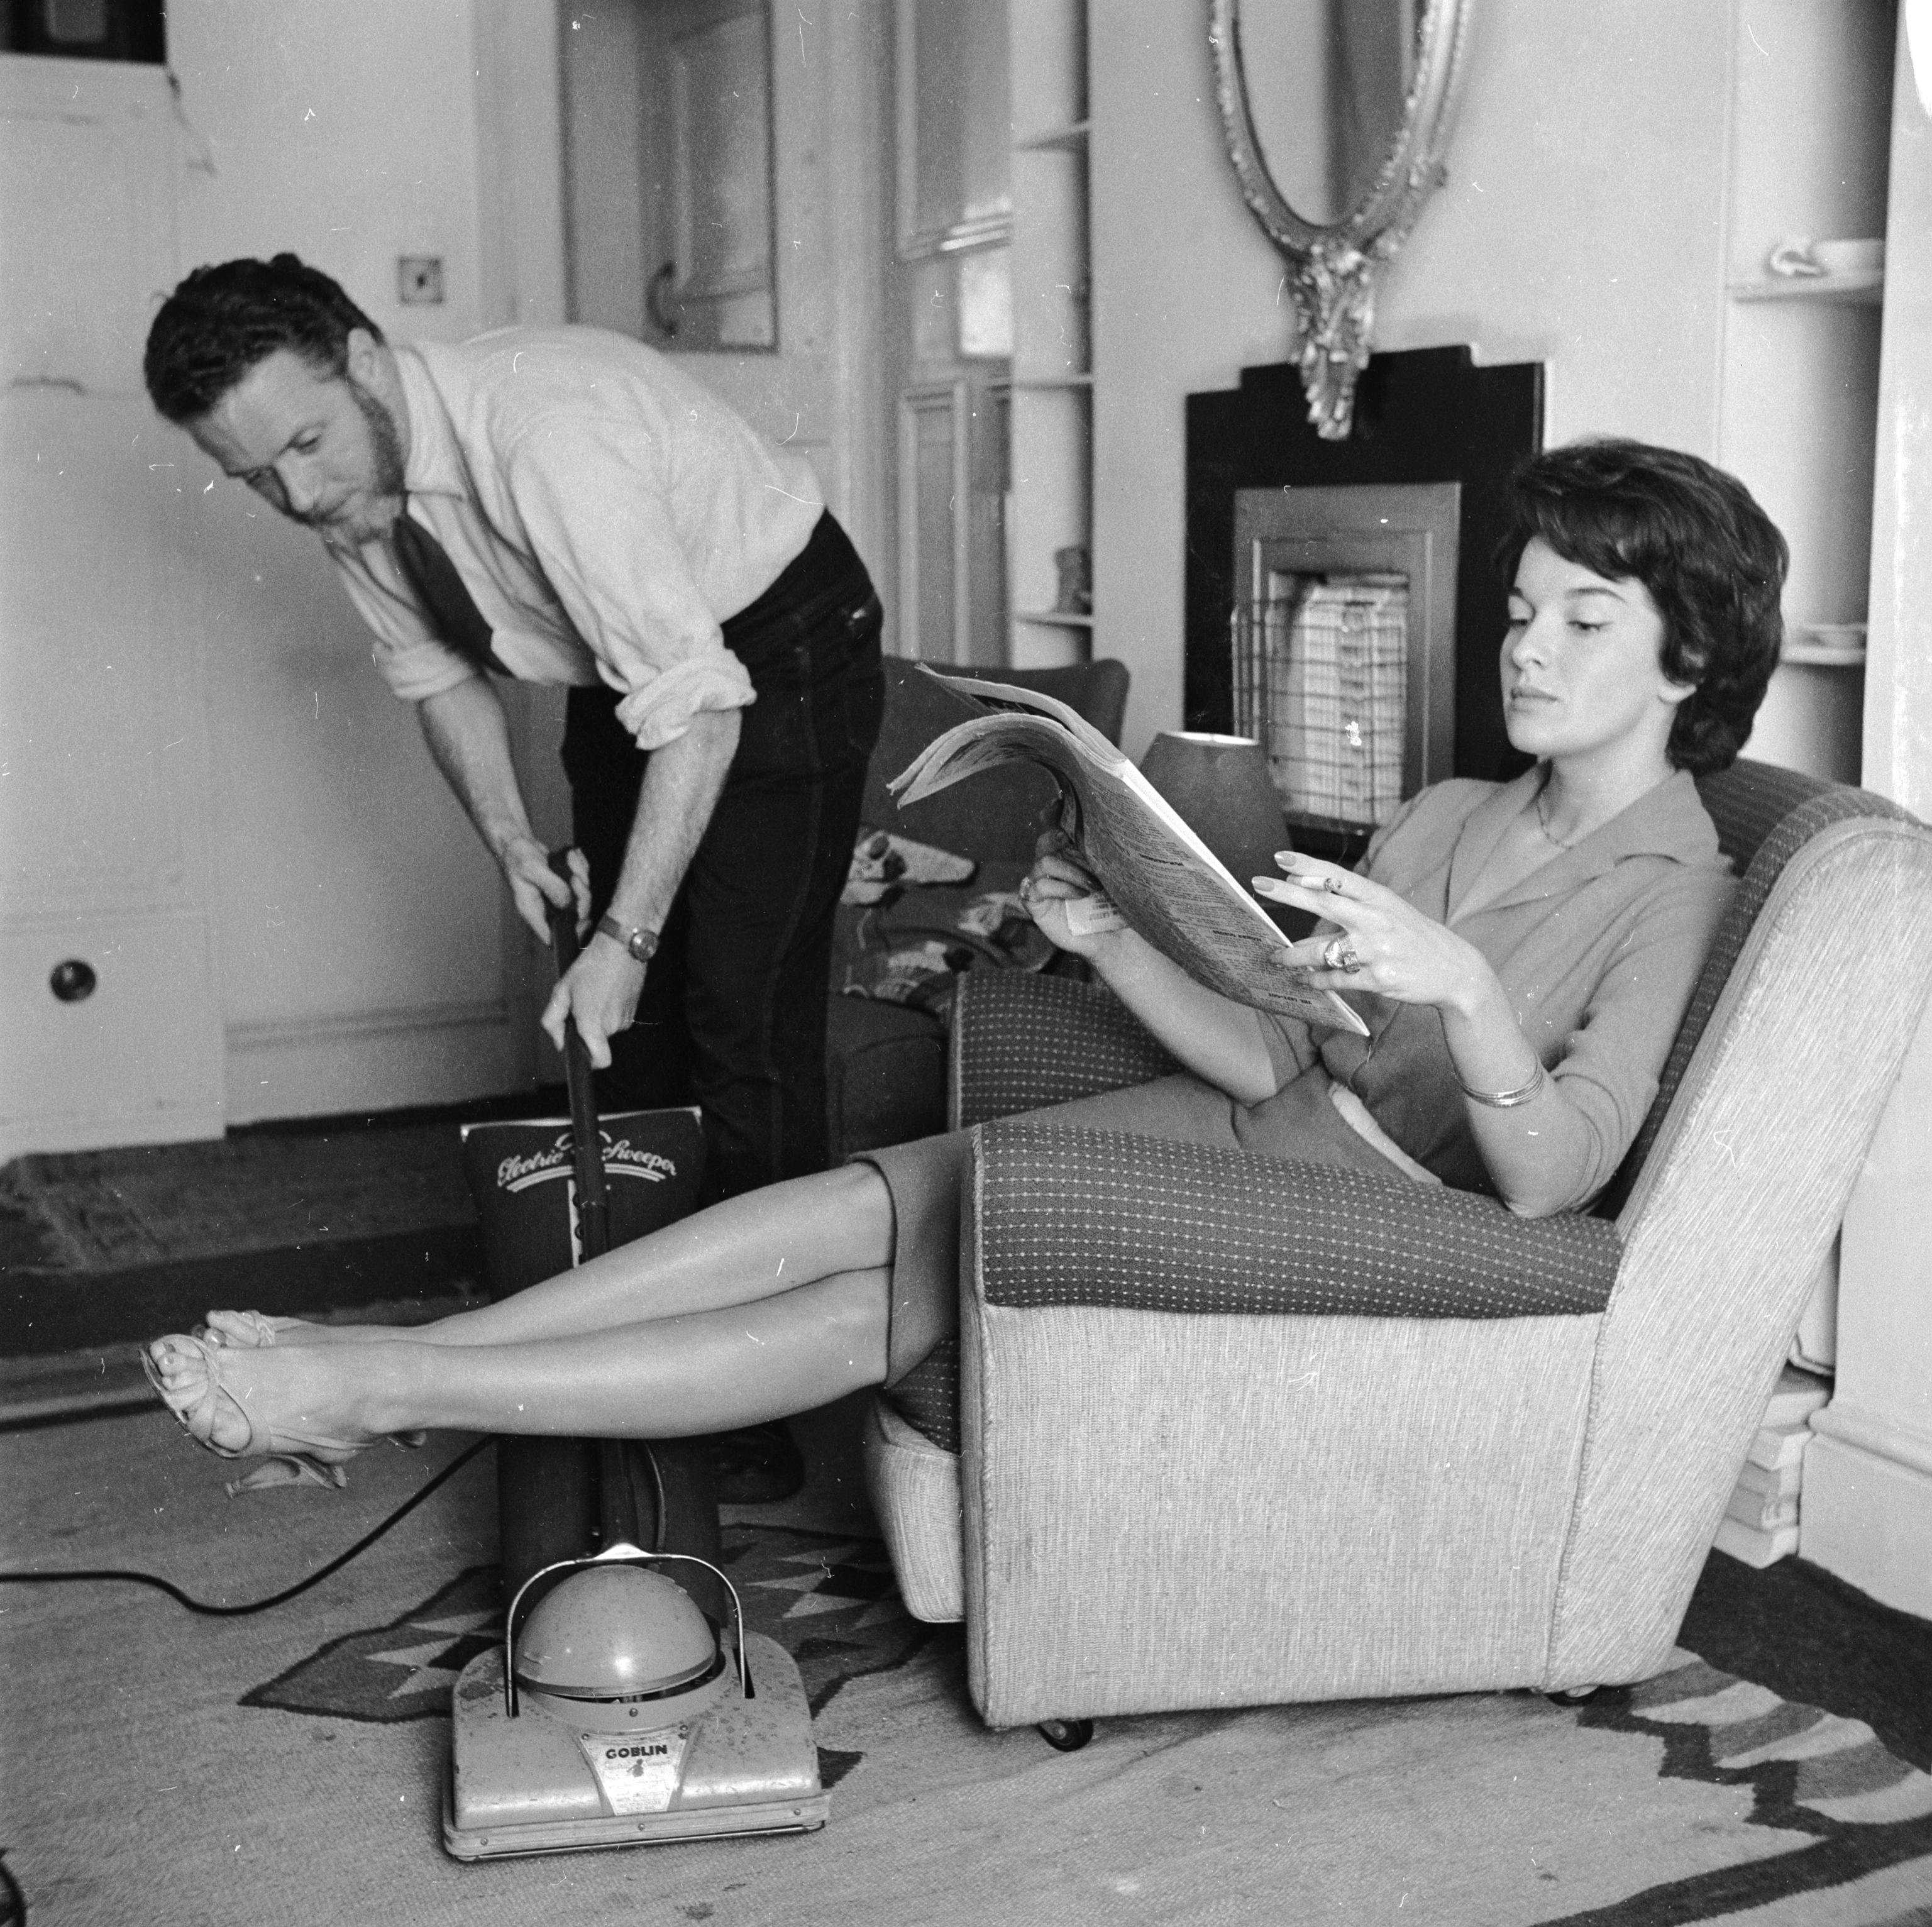 I 10 trucchi utilizzati dagli uomini per non fare le pulizie in casa - Pulizie di casa ...